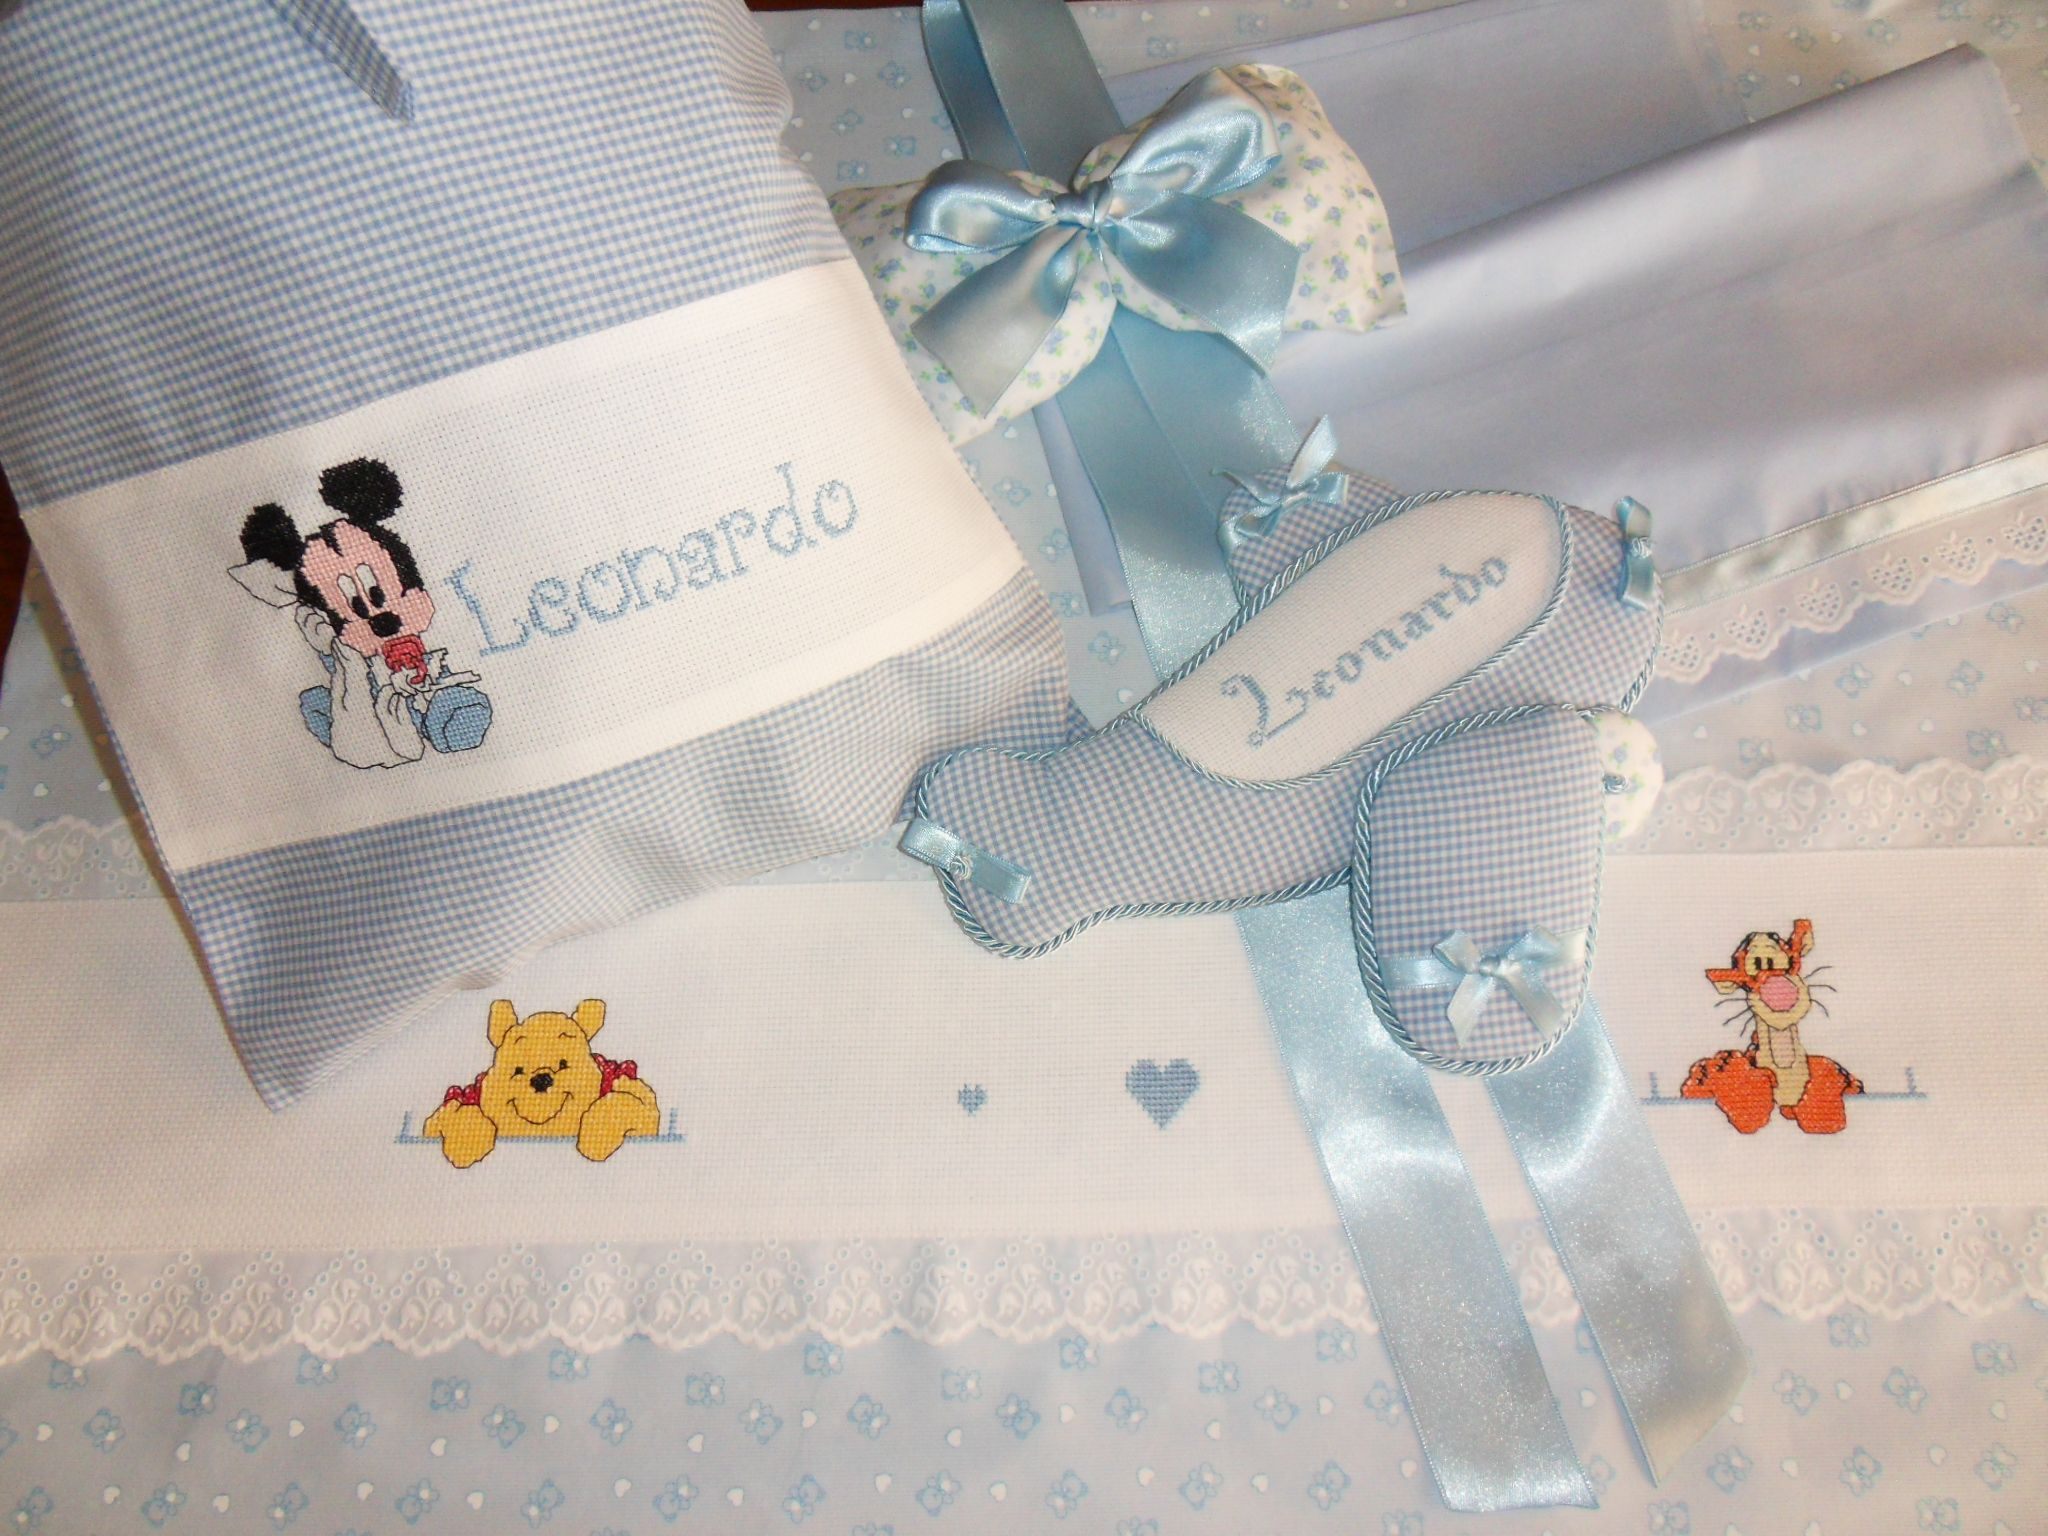 lettino montessori yelp: mimamai boutique @mimamaiboutique twitter ... - Lettino Montessori Yelp